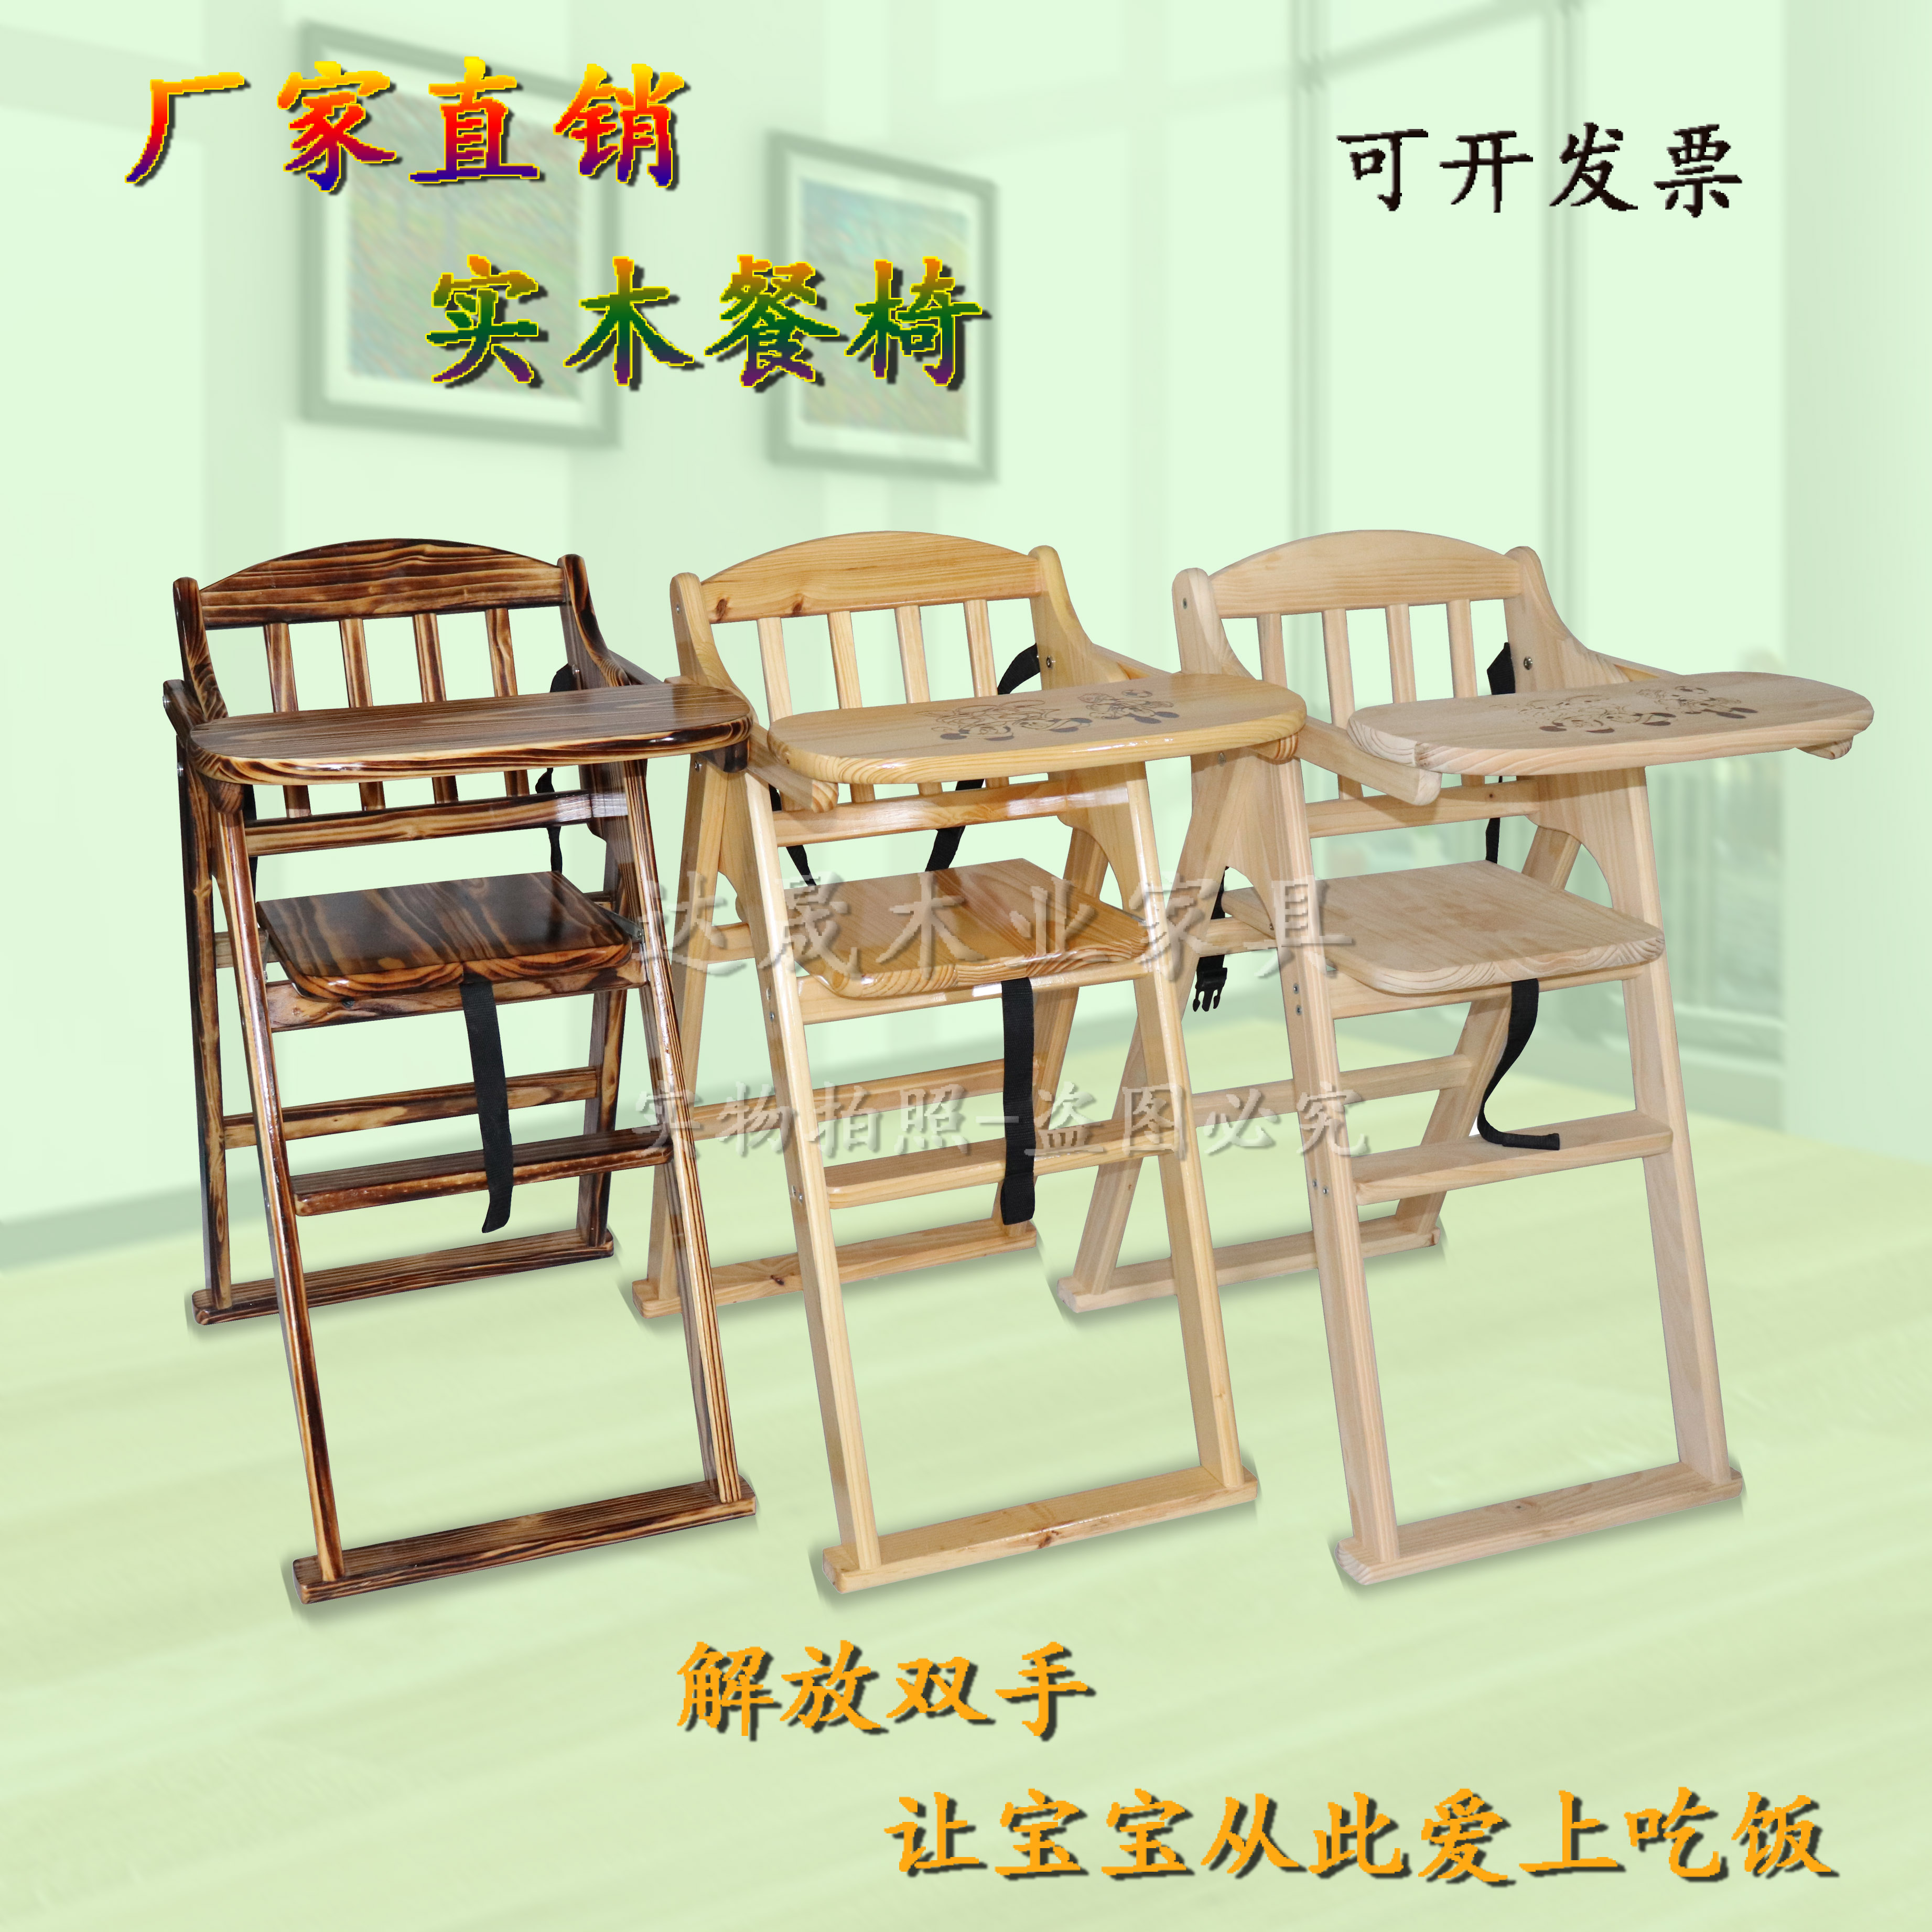 ����餐椅�和�餐桌椅子碳化�和�餐椅可折�Bbb凳吃�座椅��木餐椅